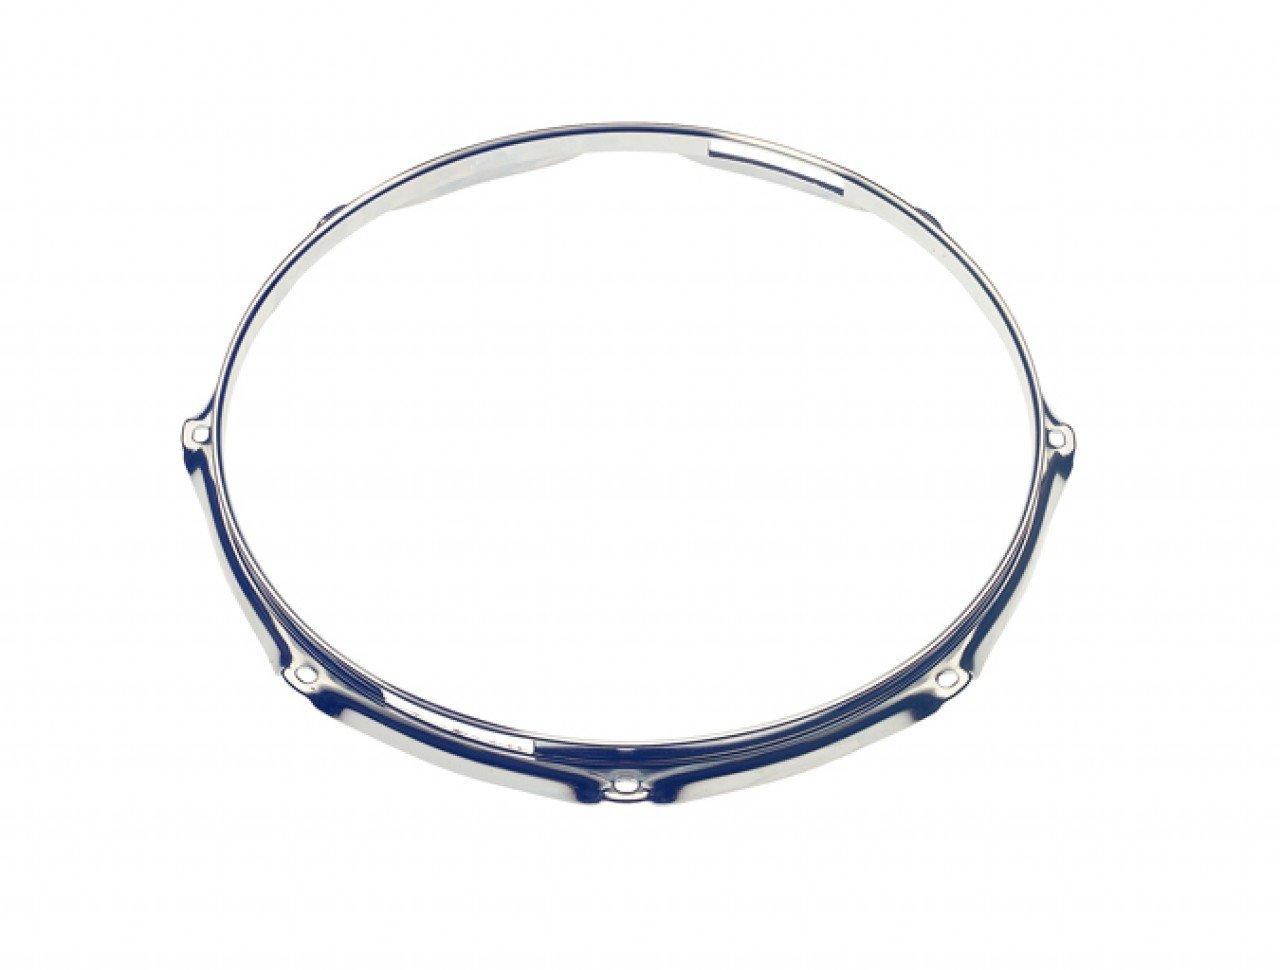 Stagg Dyna Hoop for Tom or Snare Drum Batter Side-13'', inch KT313-8